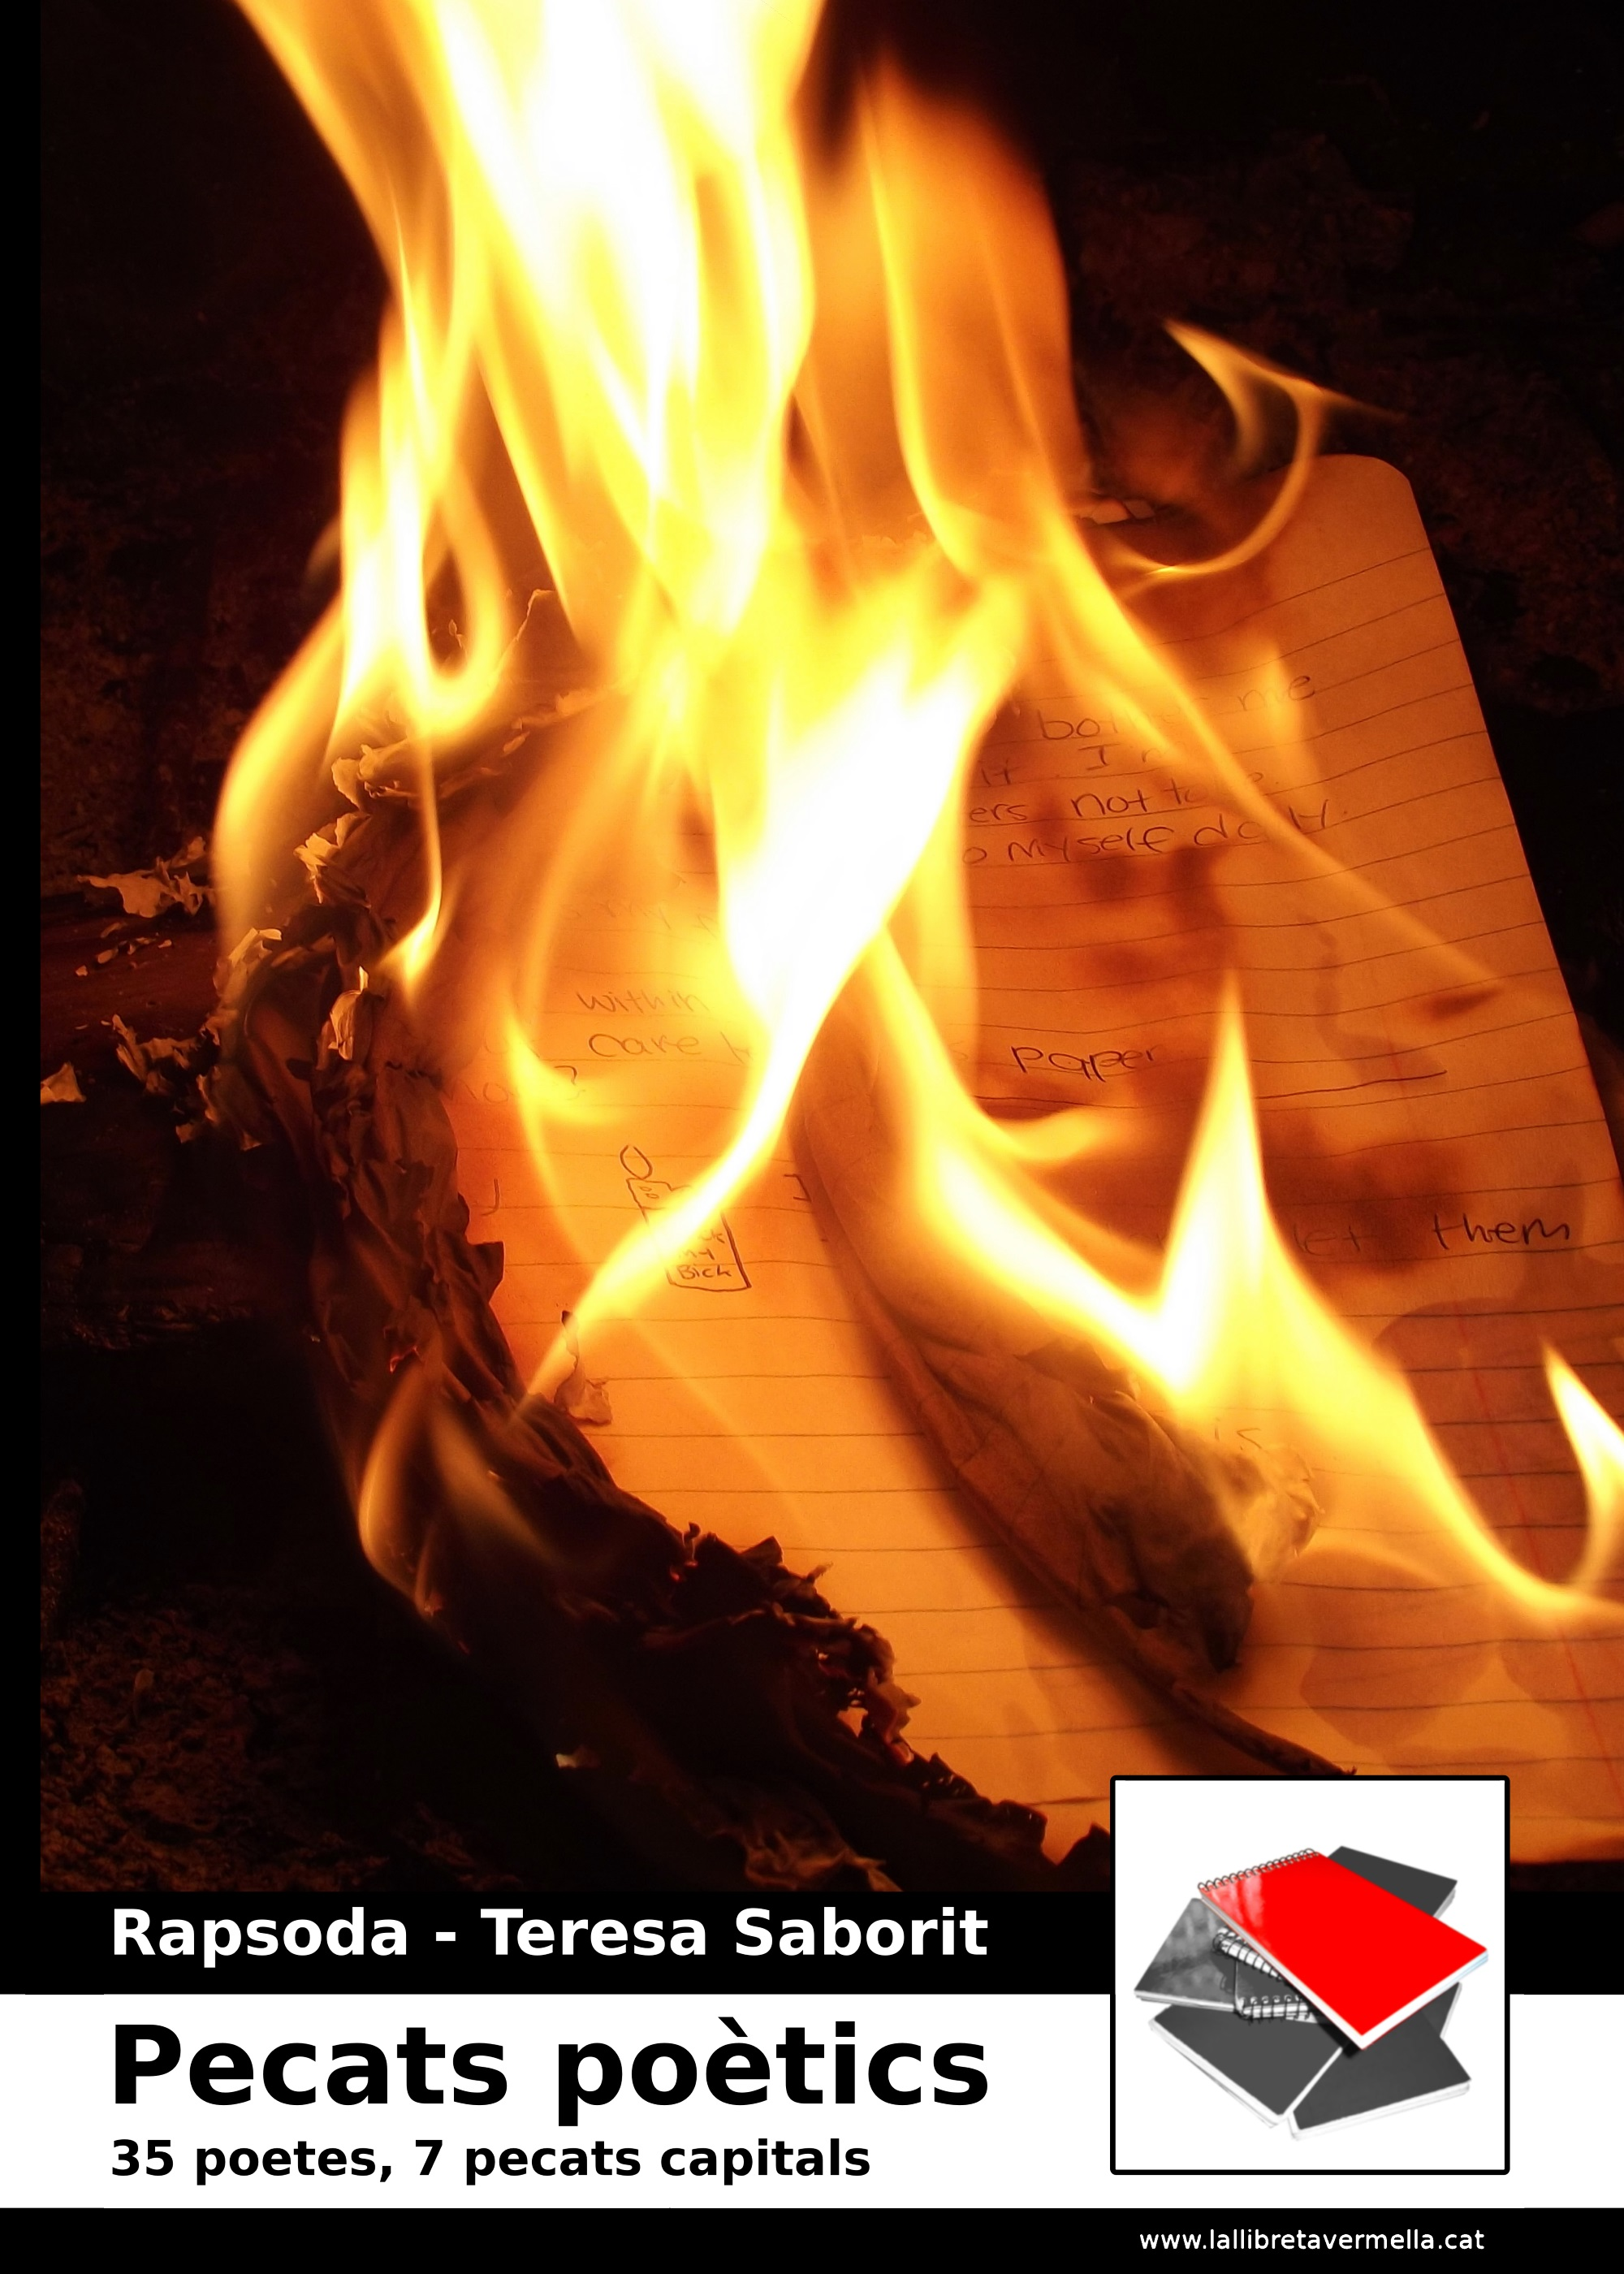 Pecats_poetics-Narradora_oral-Teresa_Saborit